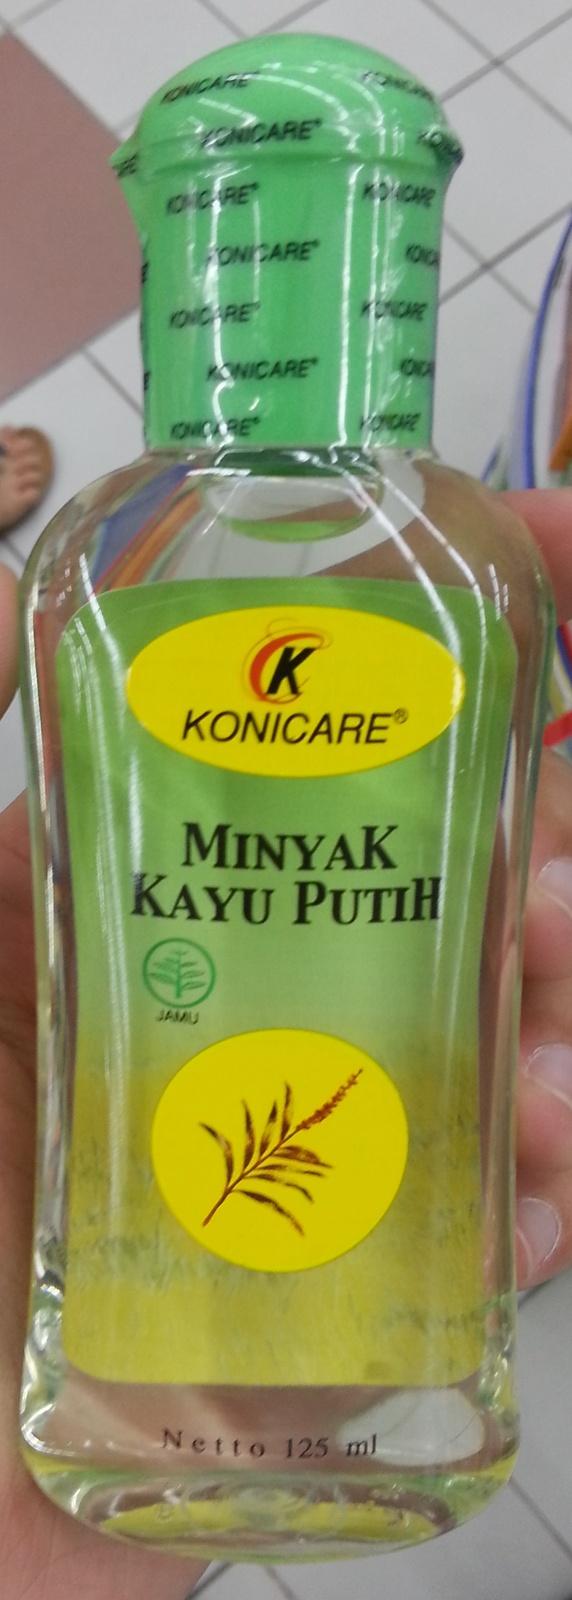 Konicare Minyak Kayu Putih 125ml Daftar Harga Terkini Dan Paket 3 Pcs Mtk027 Oleum Cajuputi Oil Jamu Health Care 1